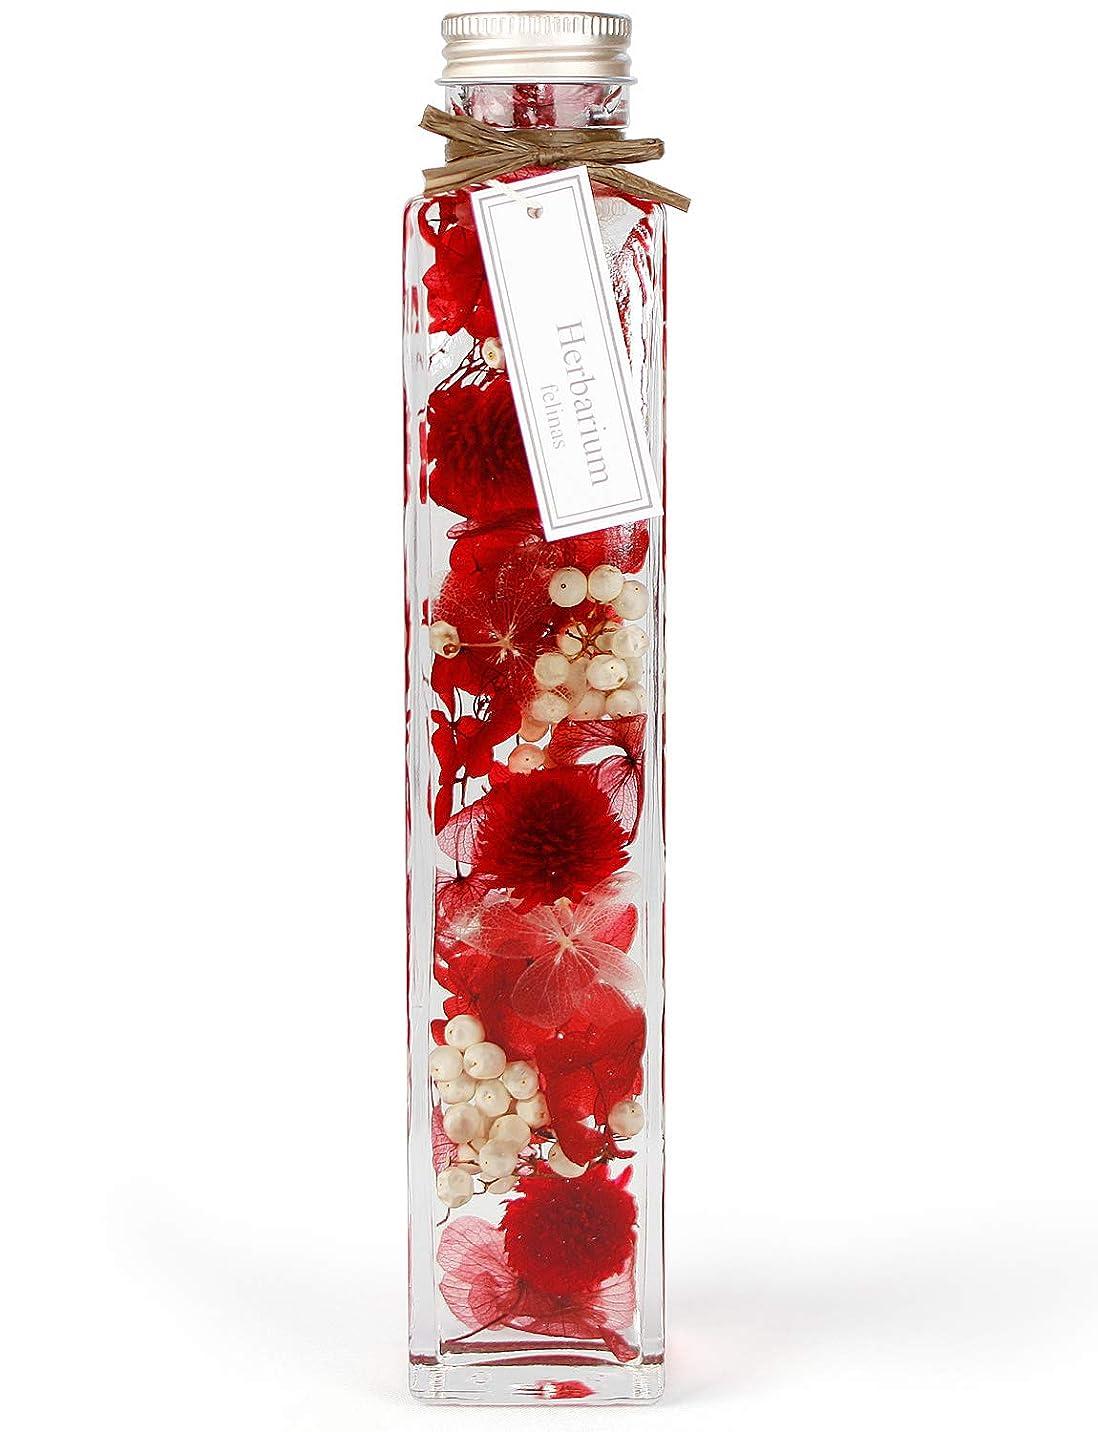 [フェリナス] ハーバリウム 角瓶(1本) レッド(赤) ギフト 贈り物 誕生日 記念日 特別 敬老の日 kaku-red